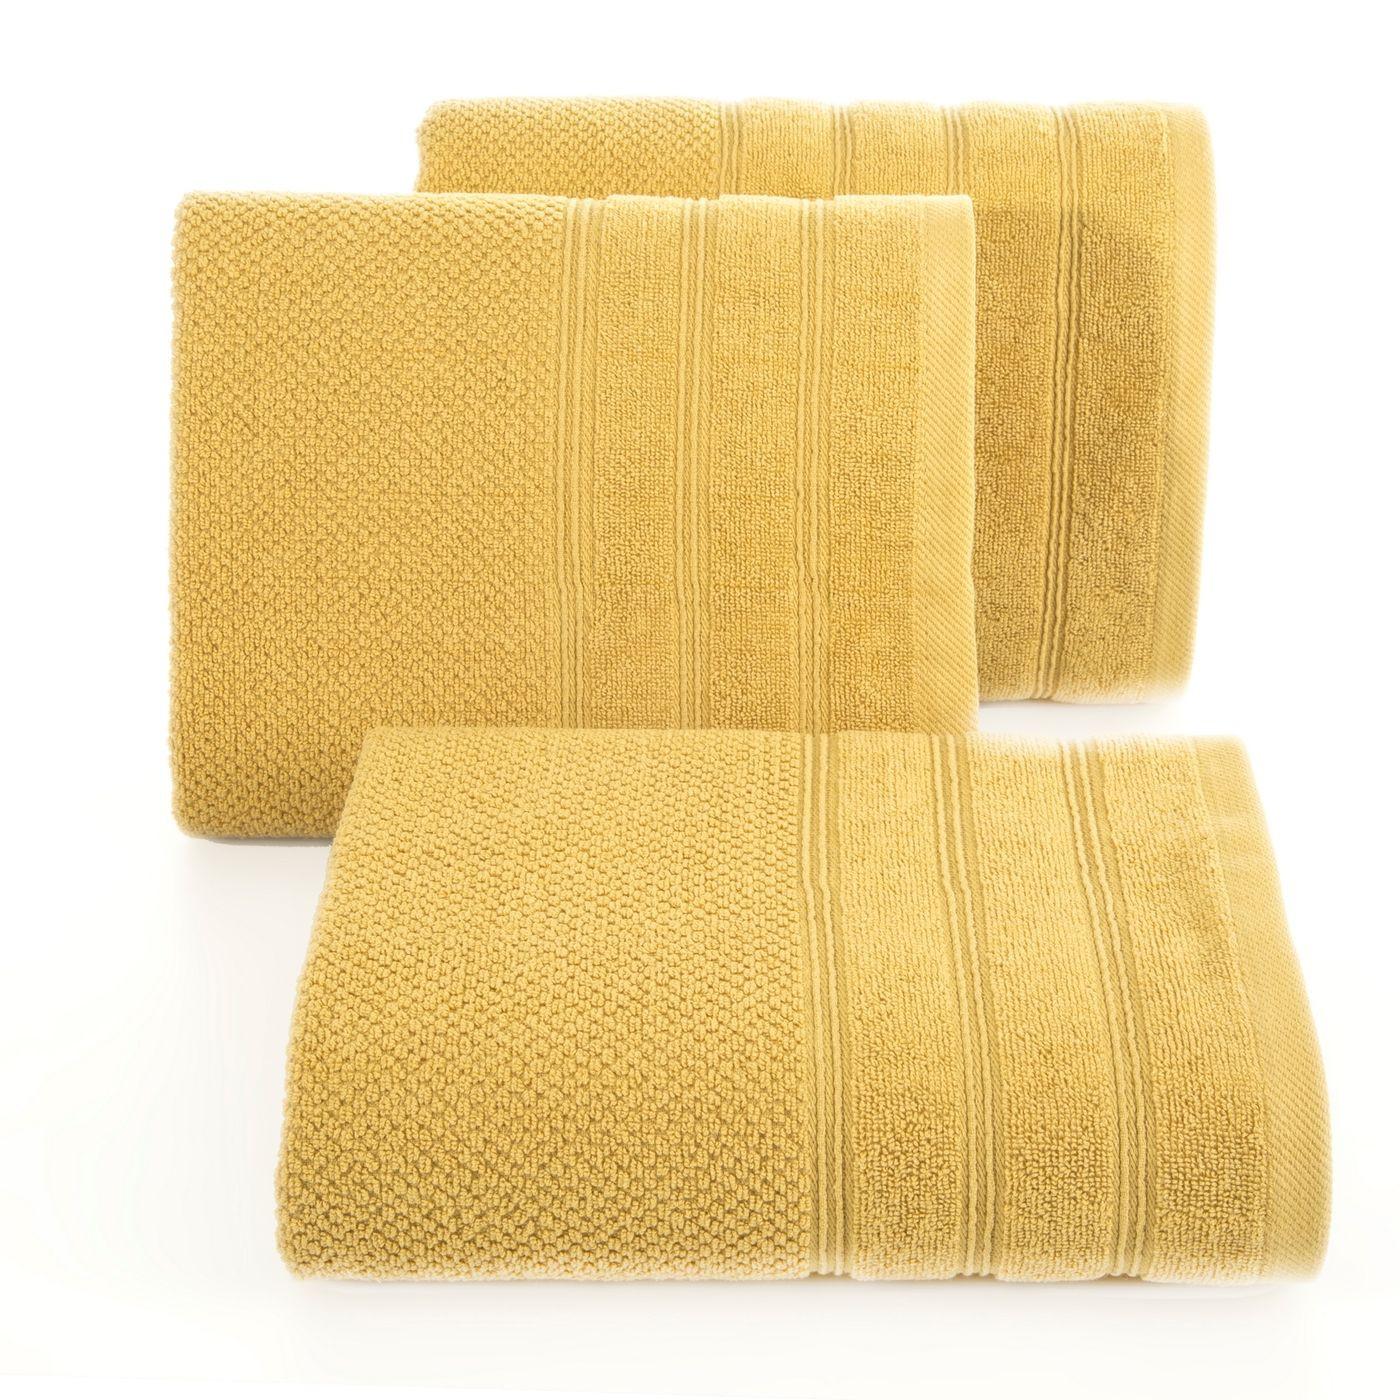 Bawełniany ręcznik kąpielowy frote musztardowy 70x140